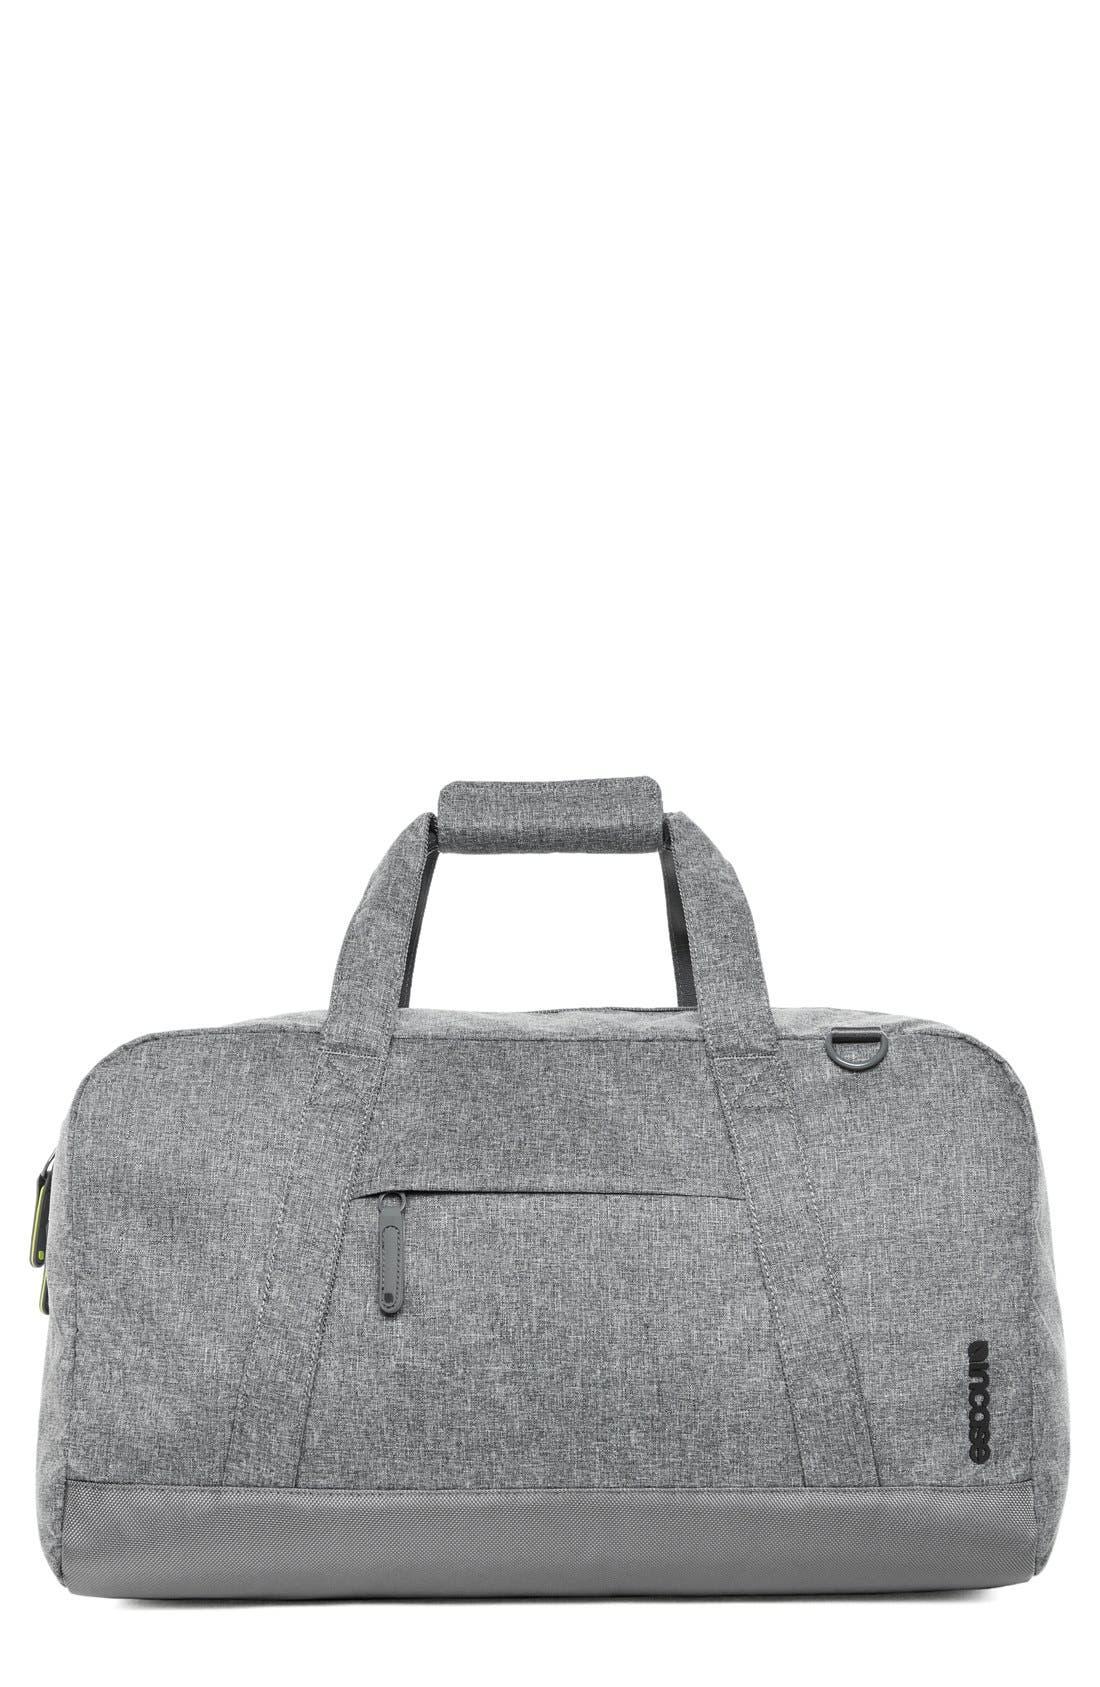 Main Image - Incase Designs EO Duffel Bag